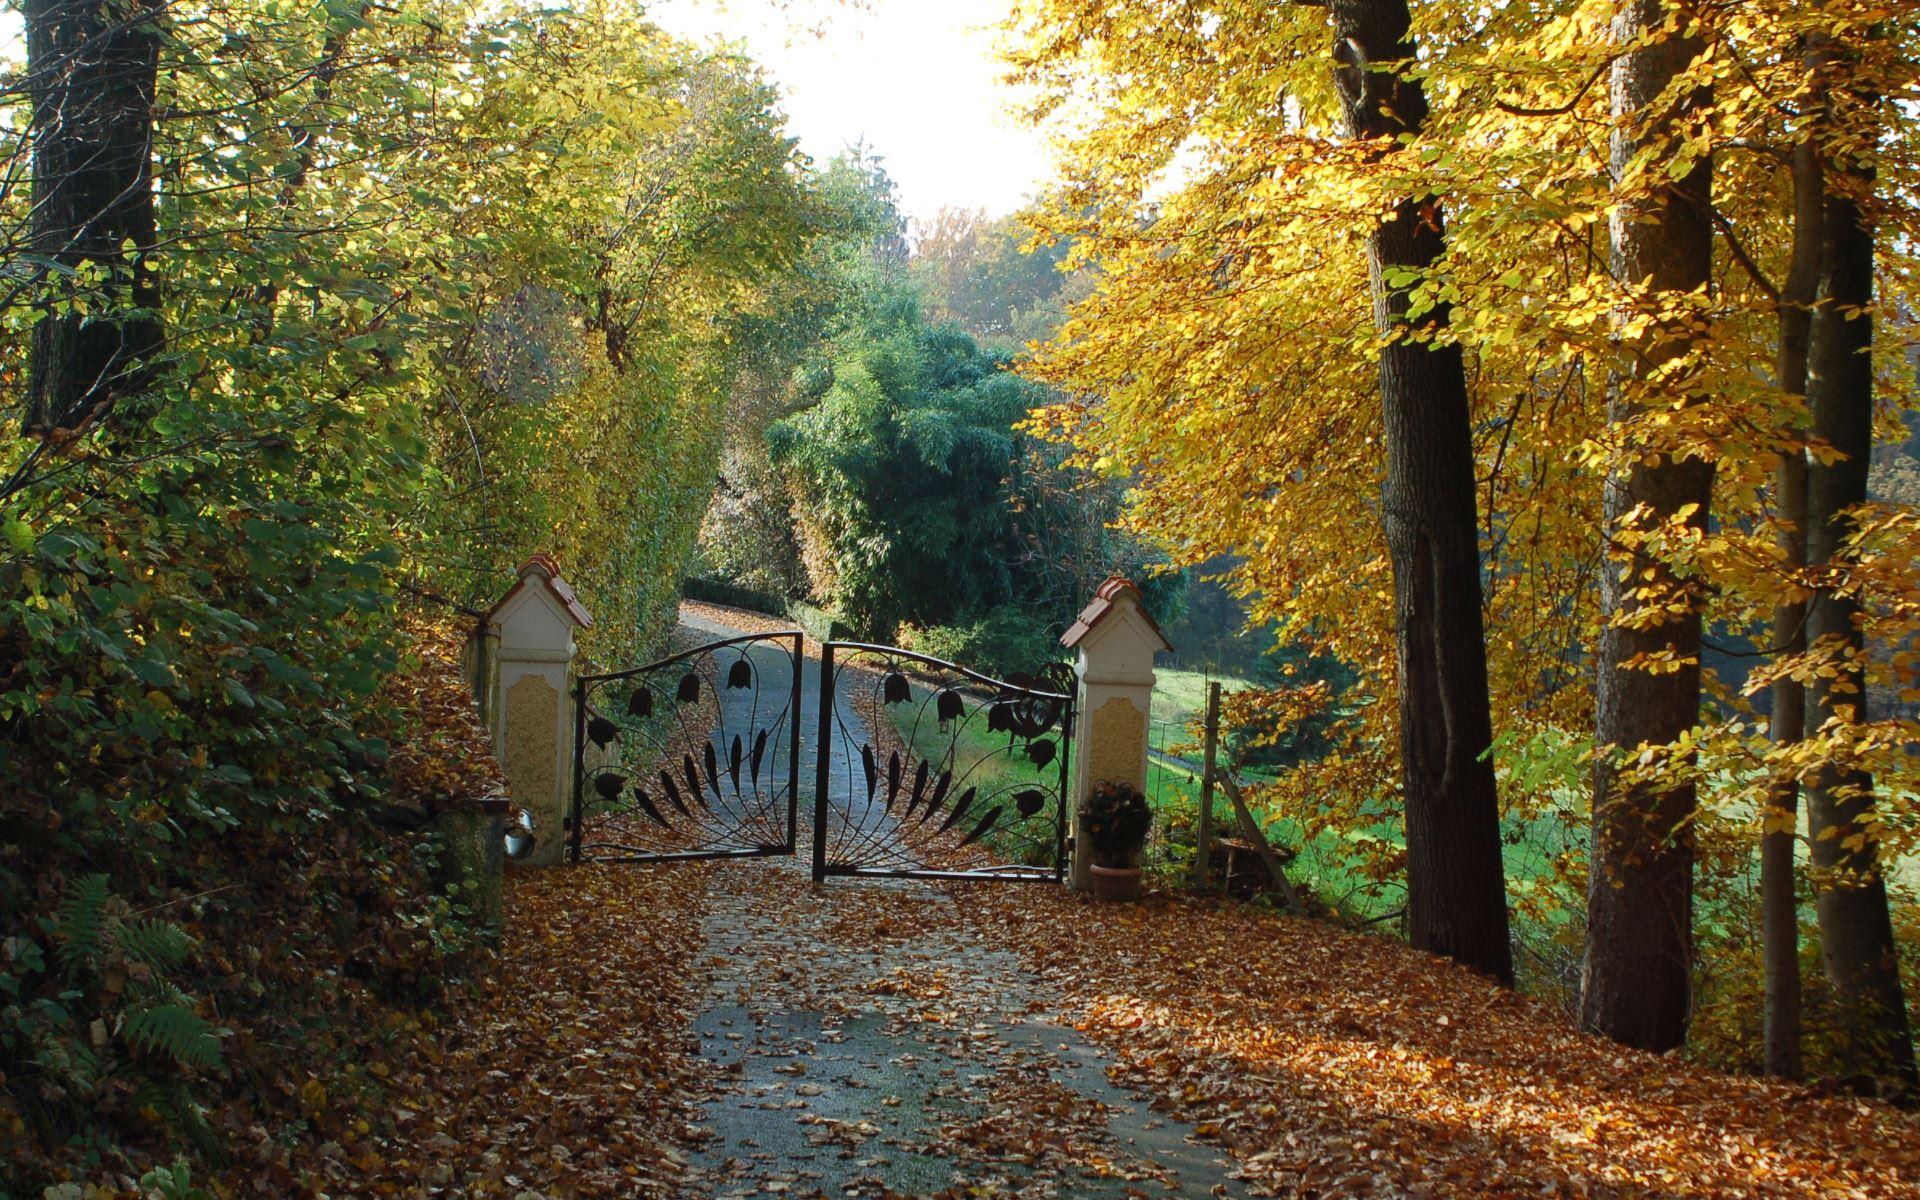 Kert s t j p t szeti tervez iroda kert p t szm rn k dr fedl agnes budapest keczkemet graz - Landschaftsarchitektur osterreich ...